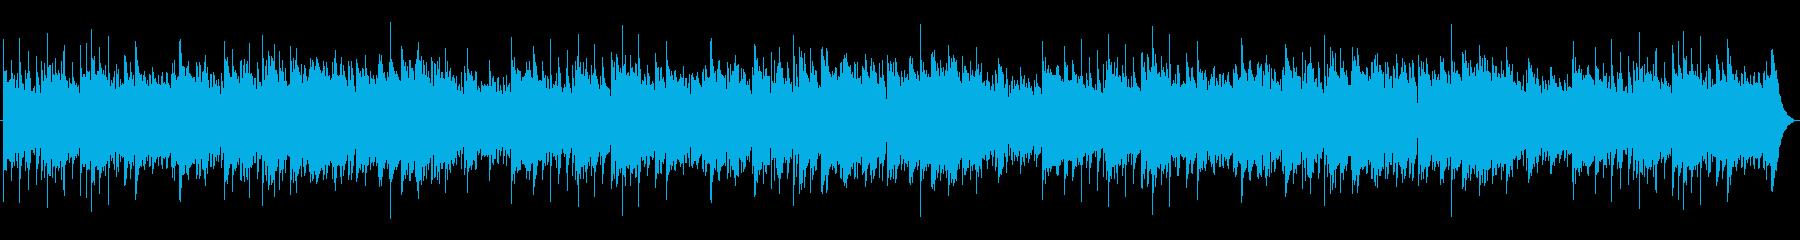 脈打つエレクトリックピアノと温かい...の再生済みの波形